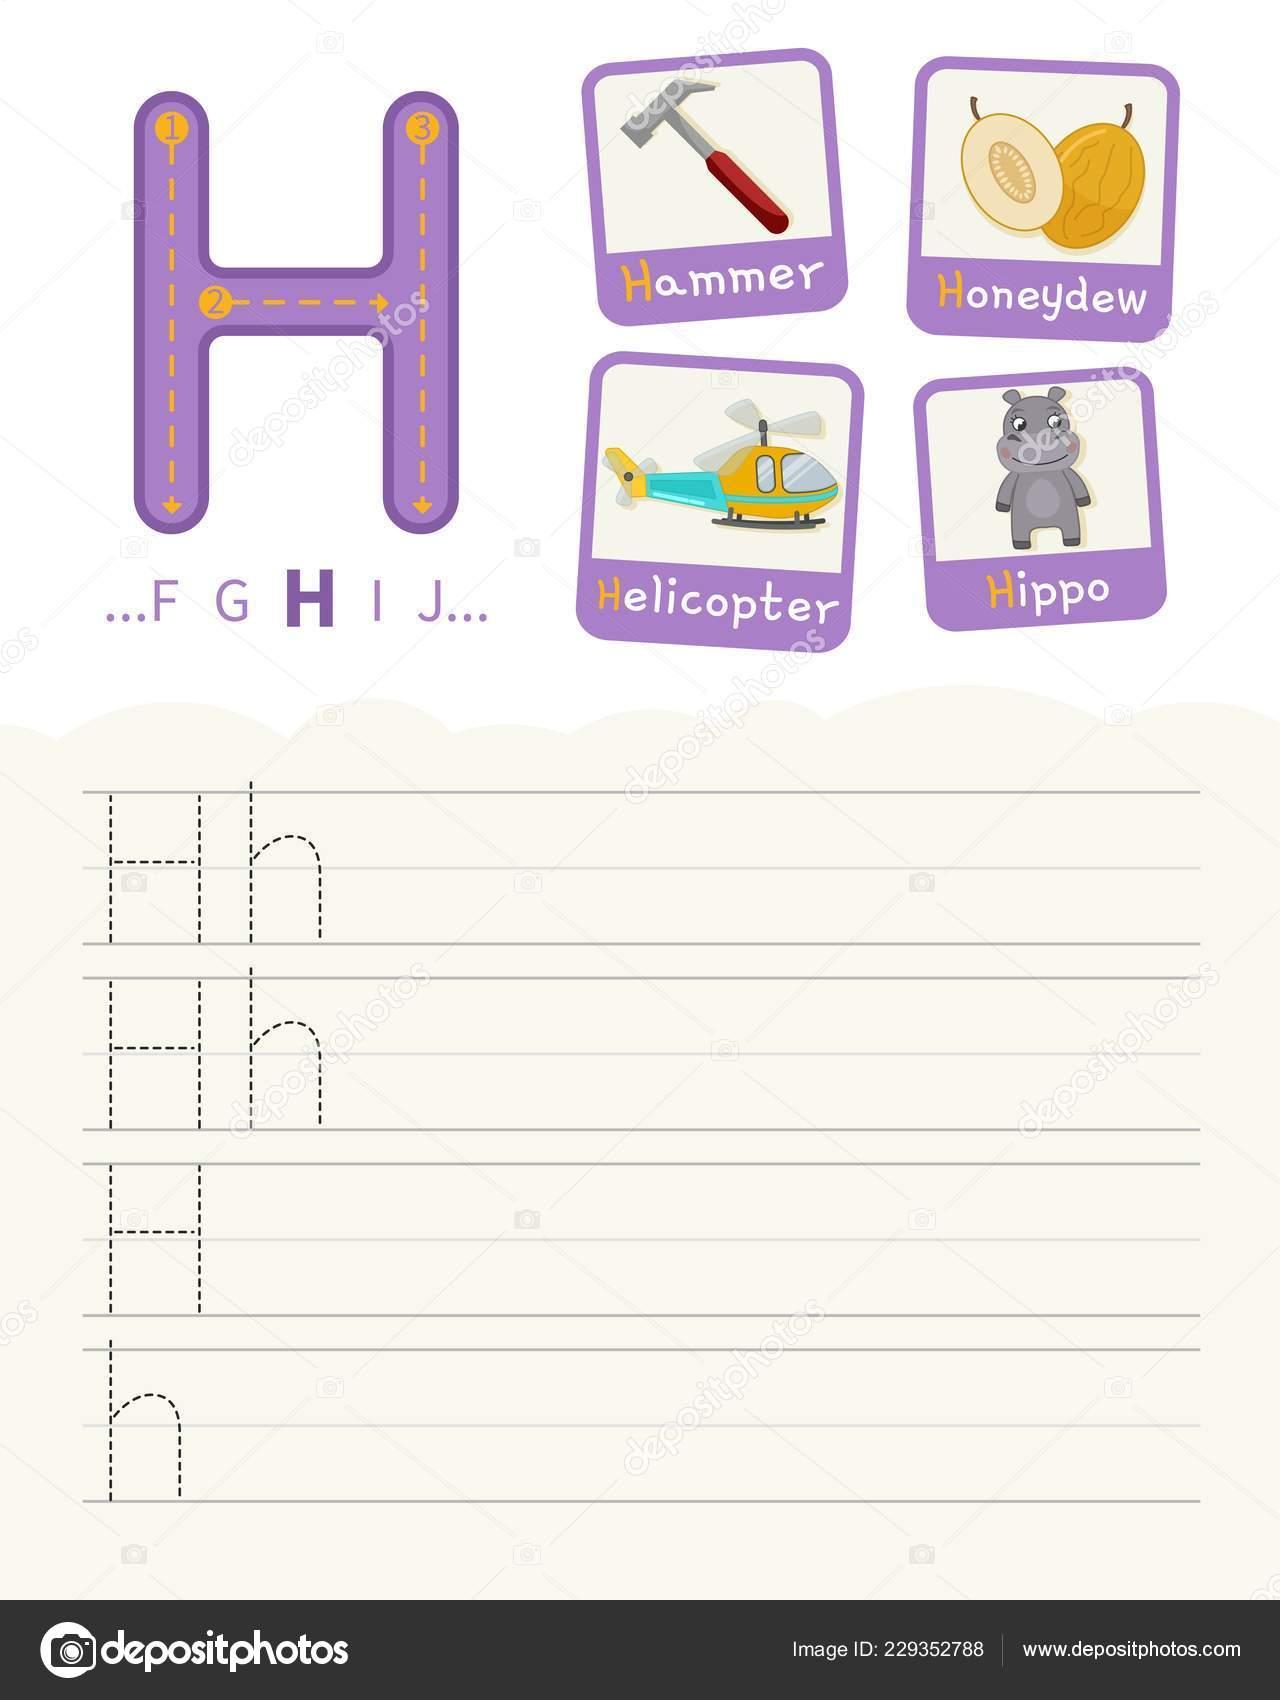 hippo bas basic